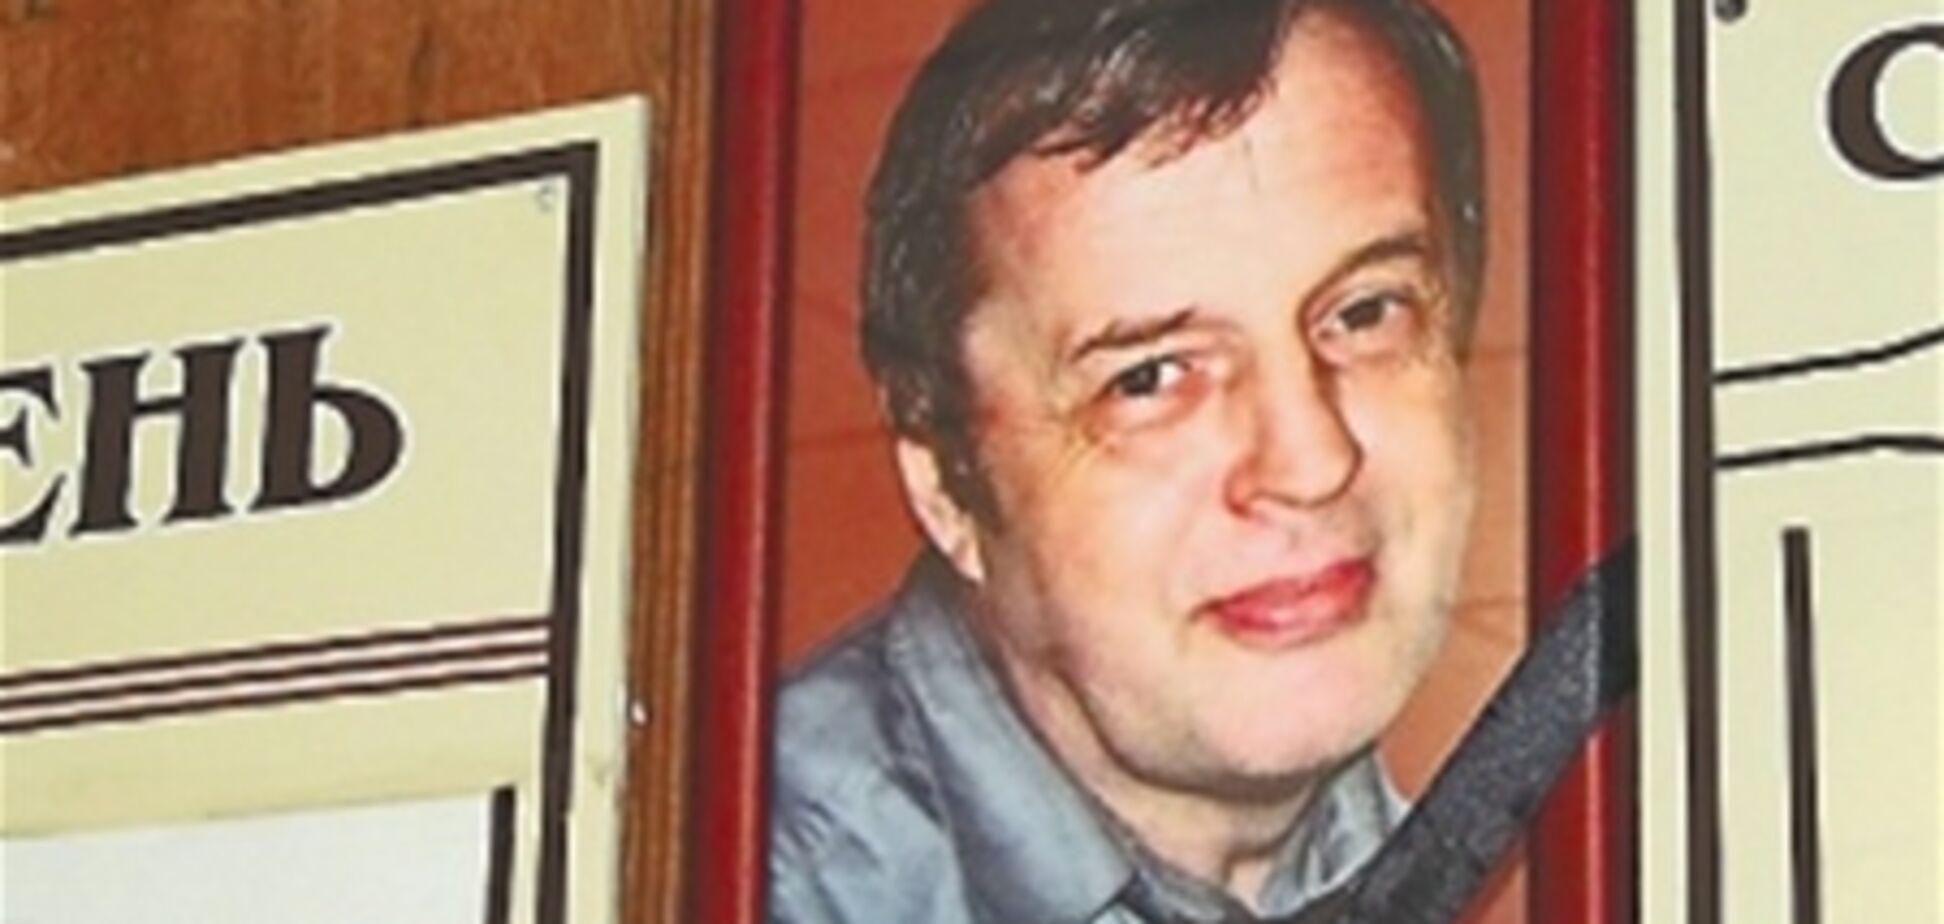 Суддю з Харкова обезголовили, щоб залякати його близьких?